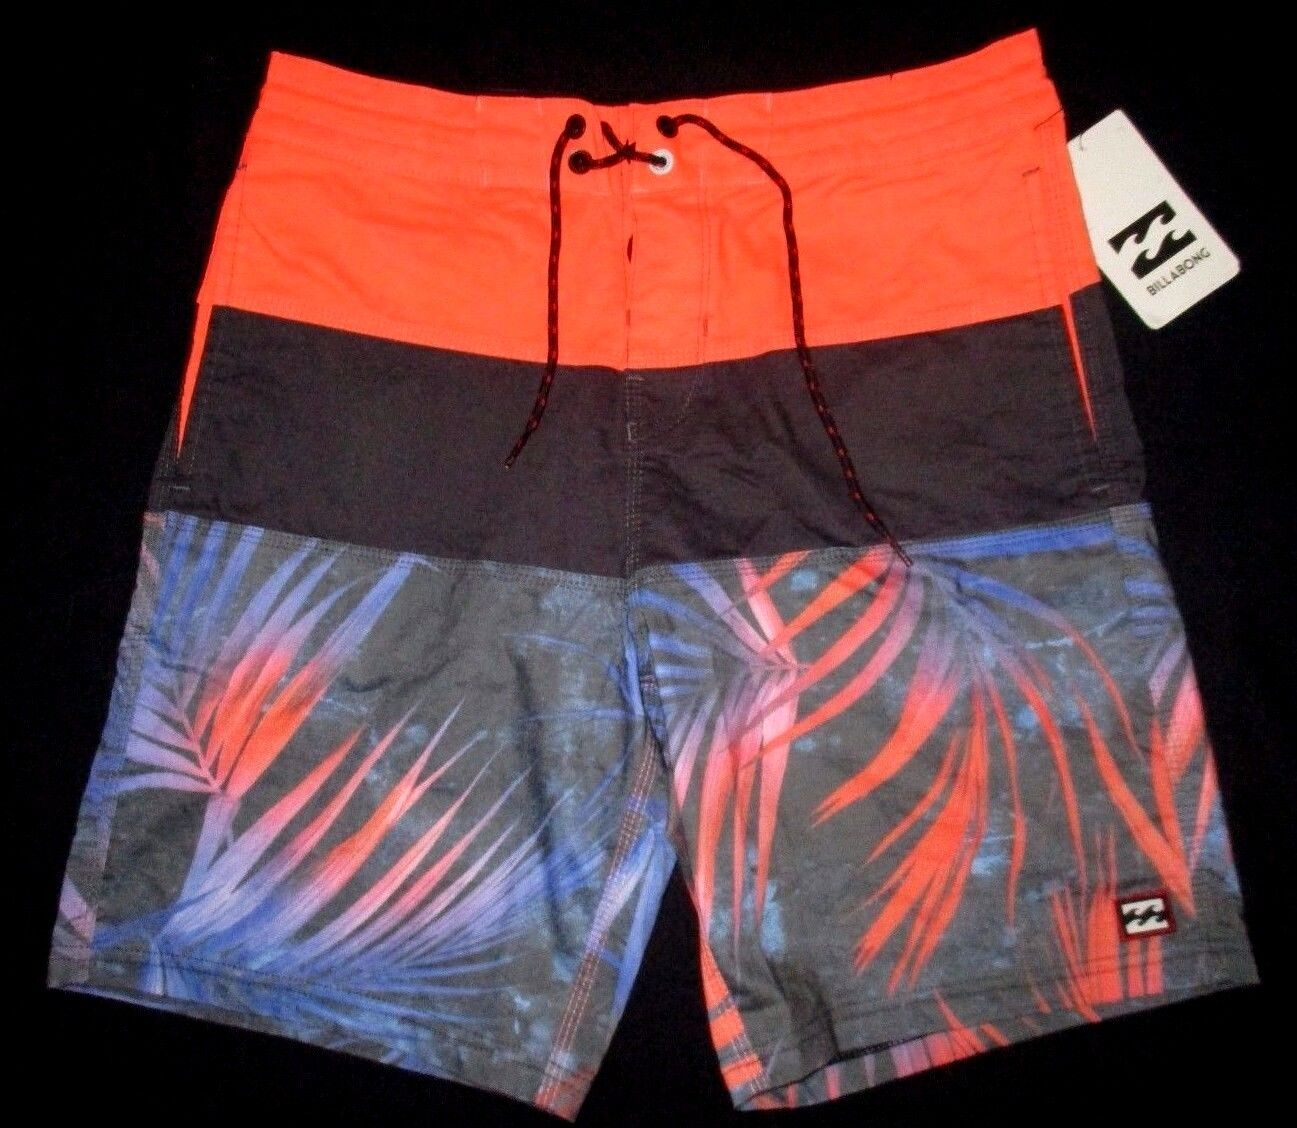 a212cfc9cd BILLABONG orange BOARD SHORTS SIZE 33 MENS SWIM neyslf990-Swimwear ...